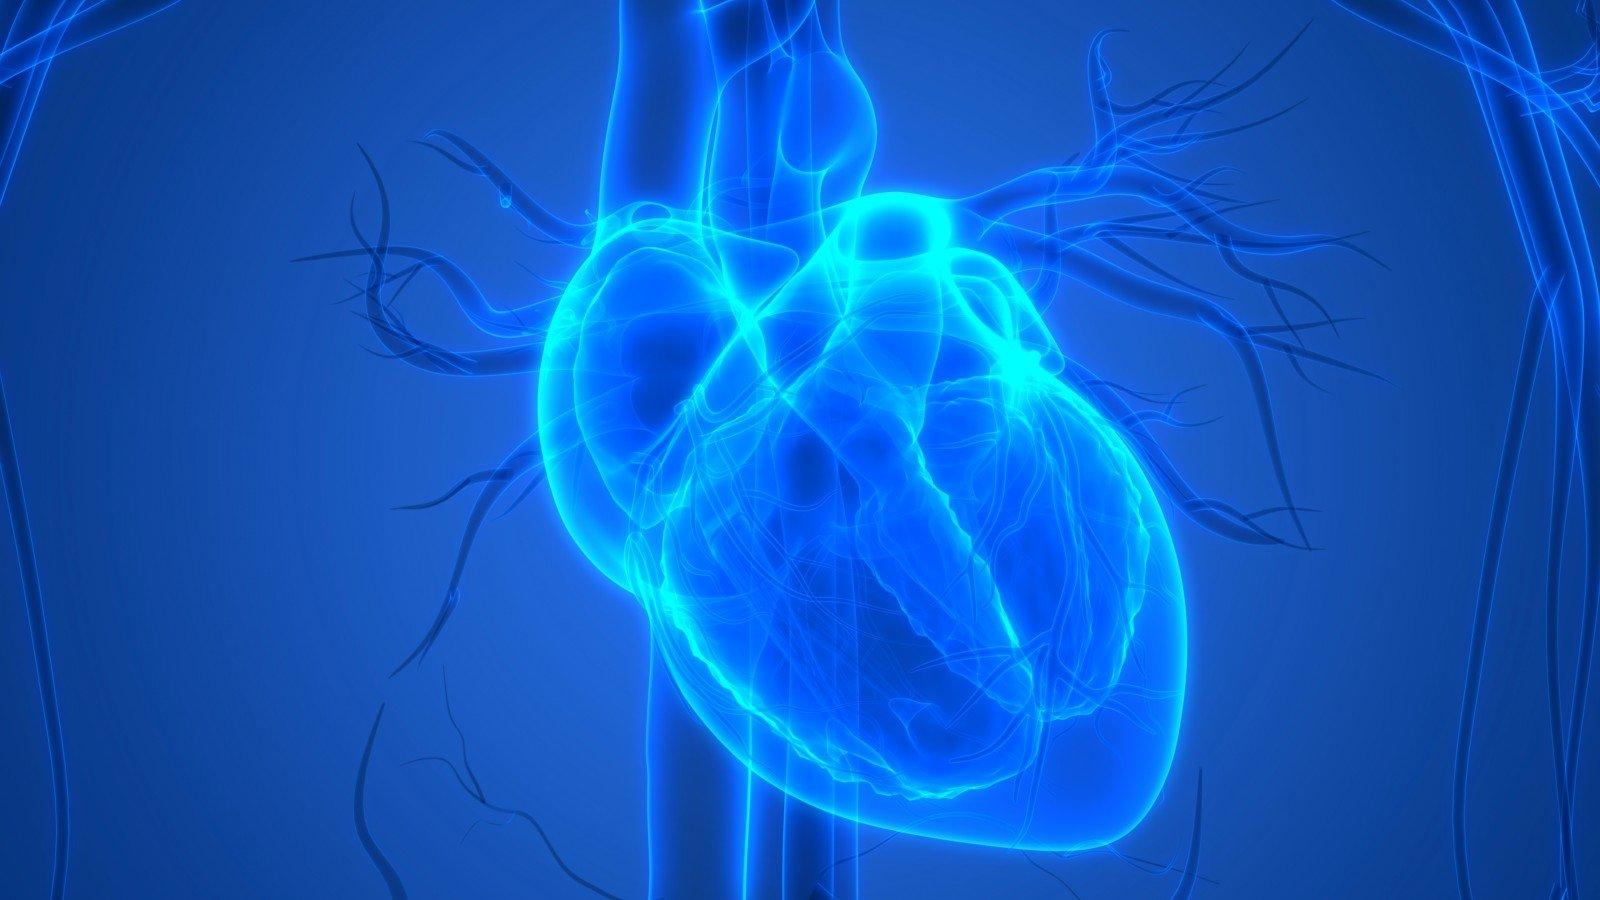 hipertenzija ir atvirkščiai biocheminiai kraujo tyrimai dėl hipertenzijos